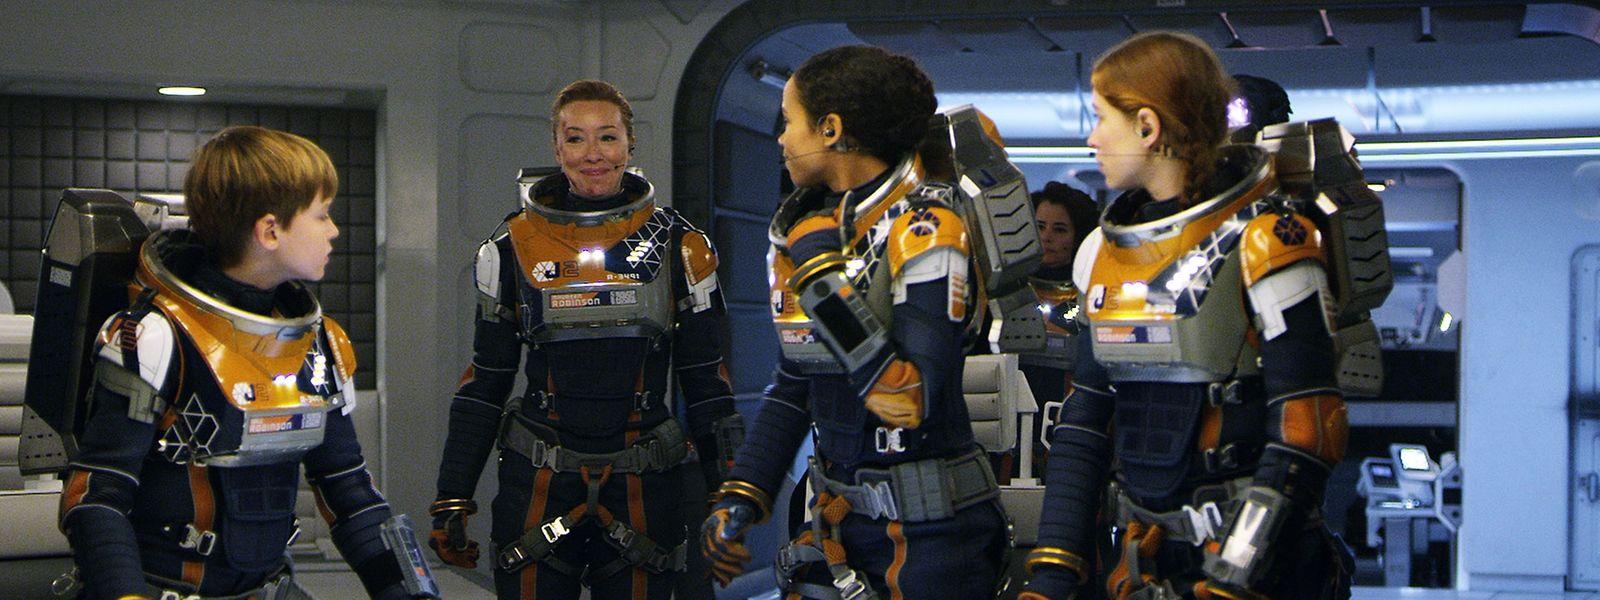 Maureen Robinson (Molly Parker) (2. v. l.) will ihrer Familie ein neuesLeben im Sternensystem Alpha Centauri ermöglichen.